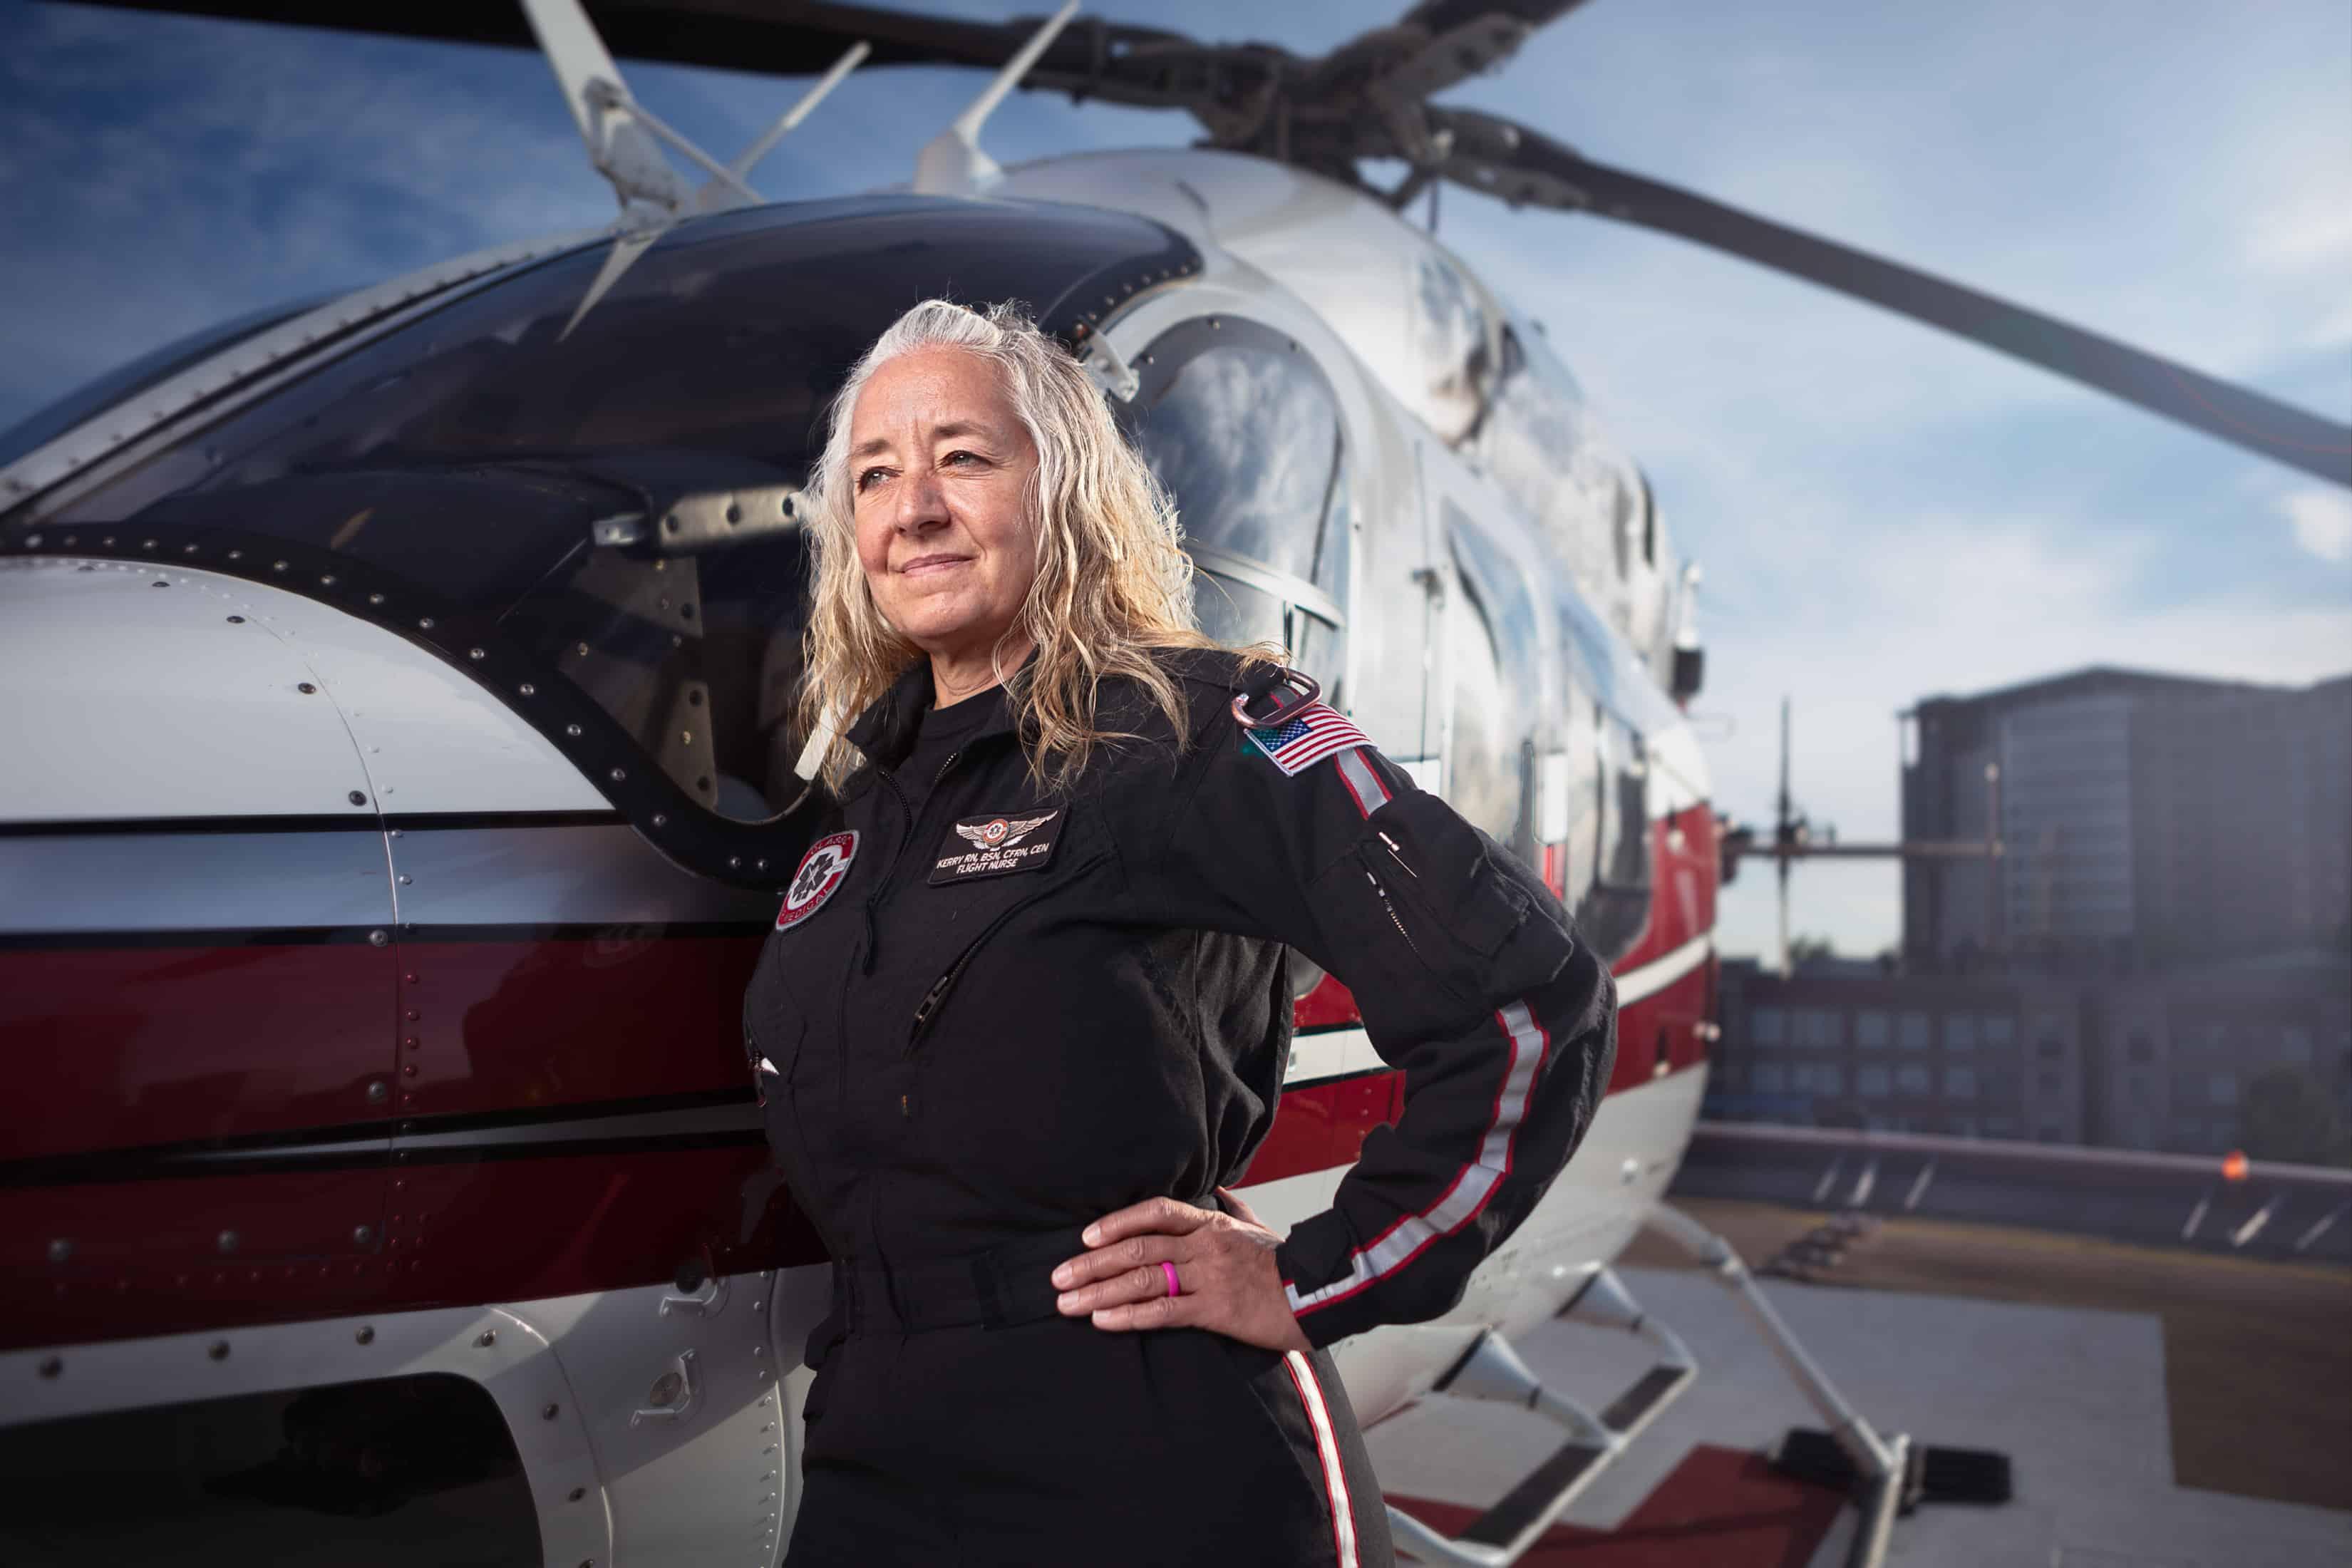 denver medivac helicopter pilot portrait